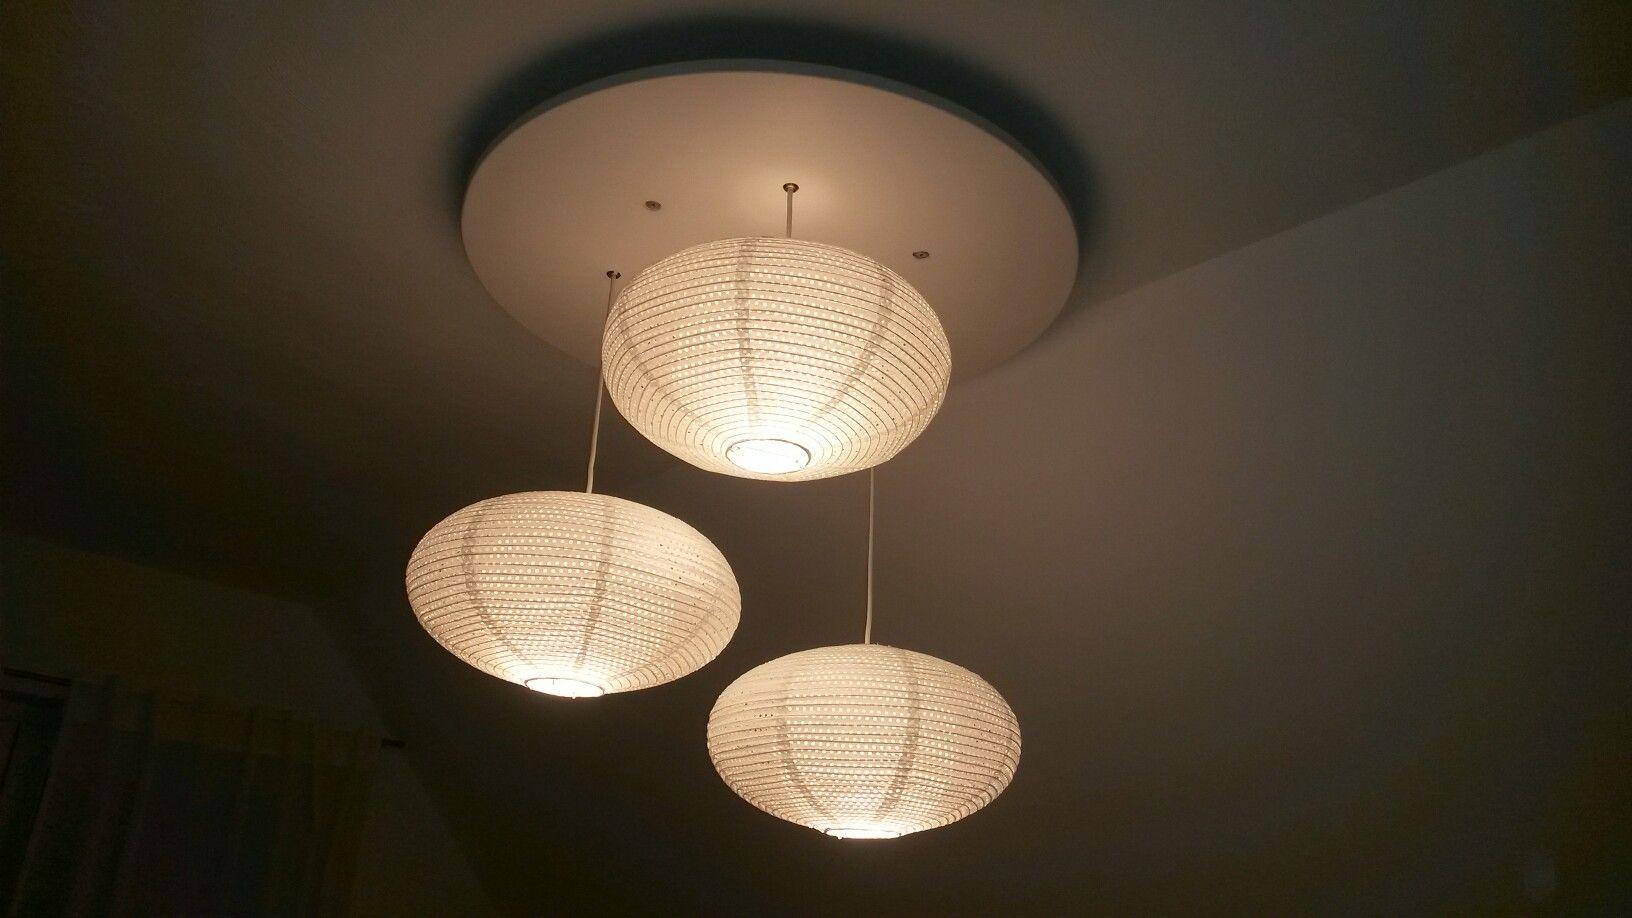 Full Size of Ikea Lampen Diy Lampe Mit Solleftea Lampenschirmen Einbauschrank Designer Esstisch Wohnzimmer Deckenlampen Bad Küche Led Kosten Modern Badezimmer Für Wohnzimmer Ikea Lampen